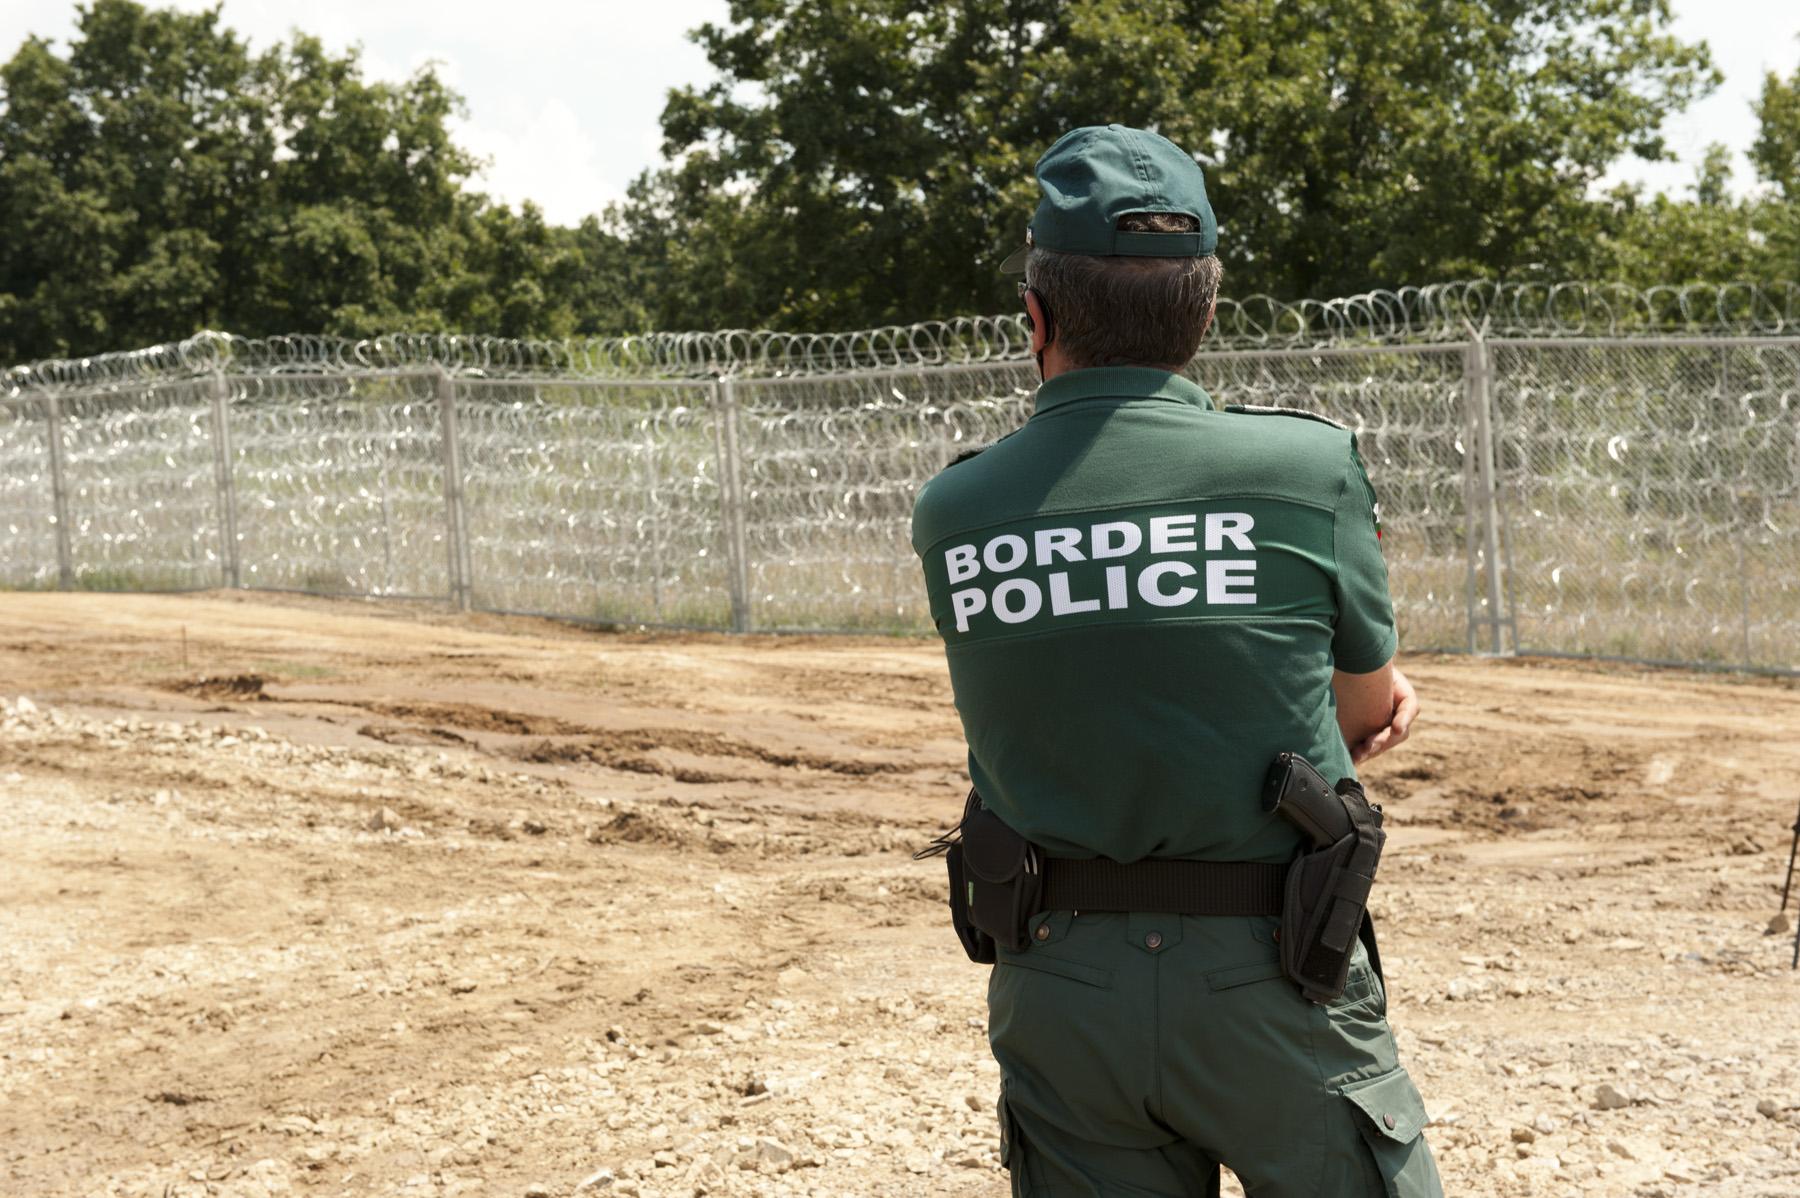 Lungo il muro costruito sul confine bulgaro-turco - fmartino/OBCT